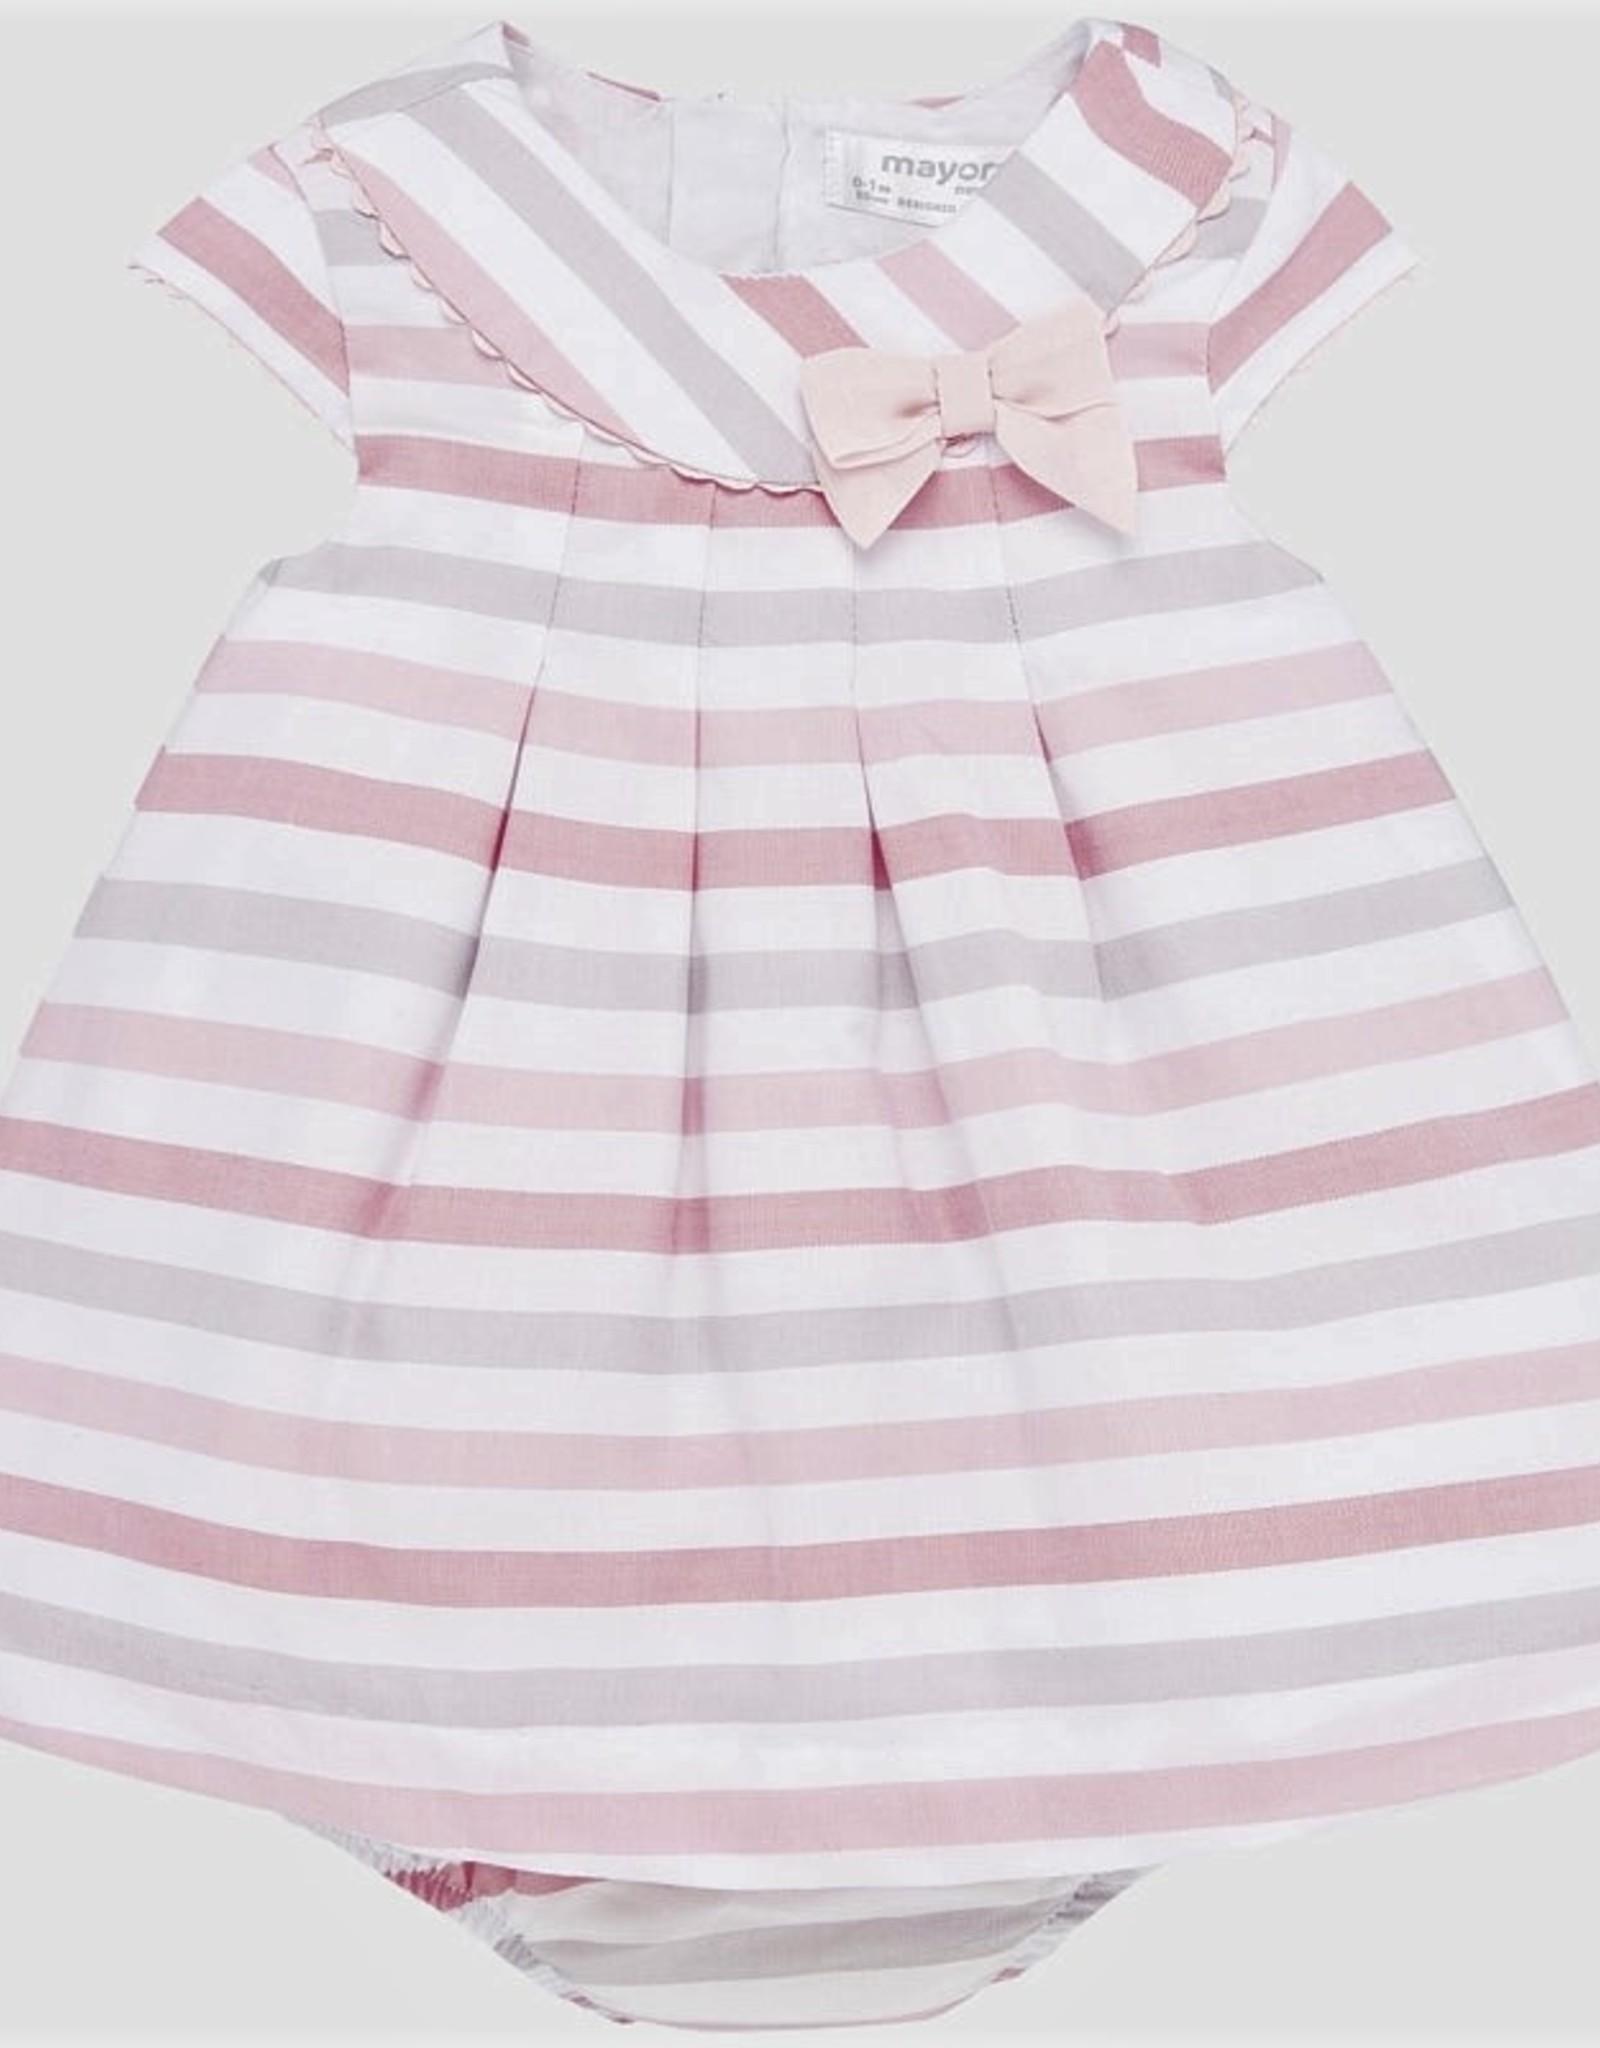 Mayoral Pink striped dress w/bow